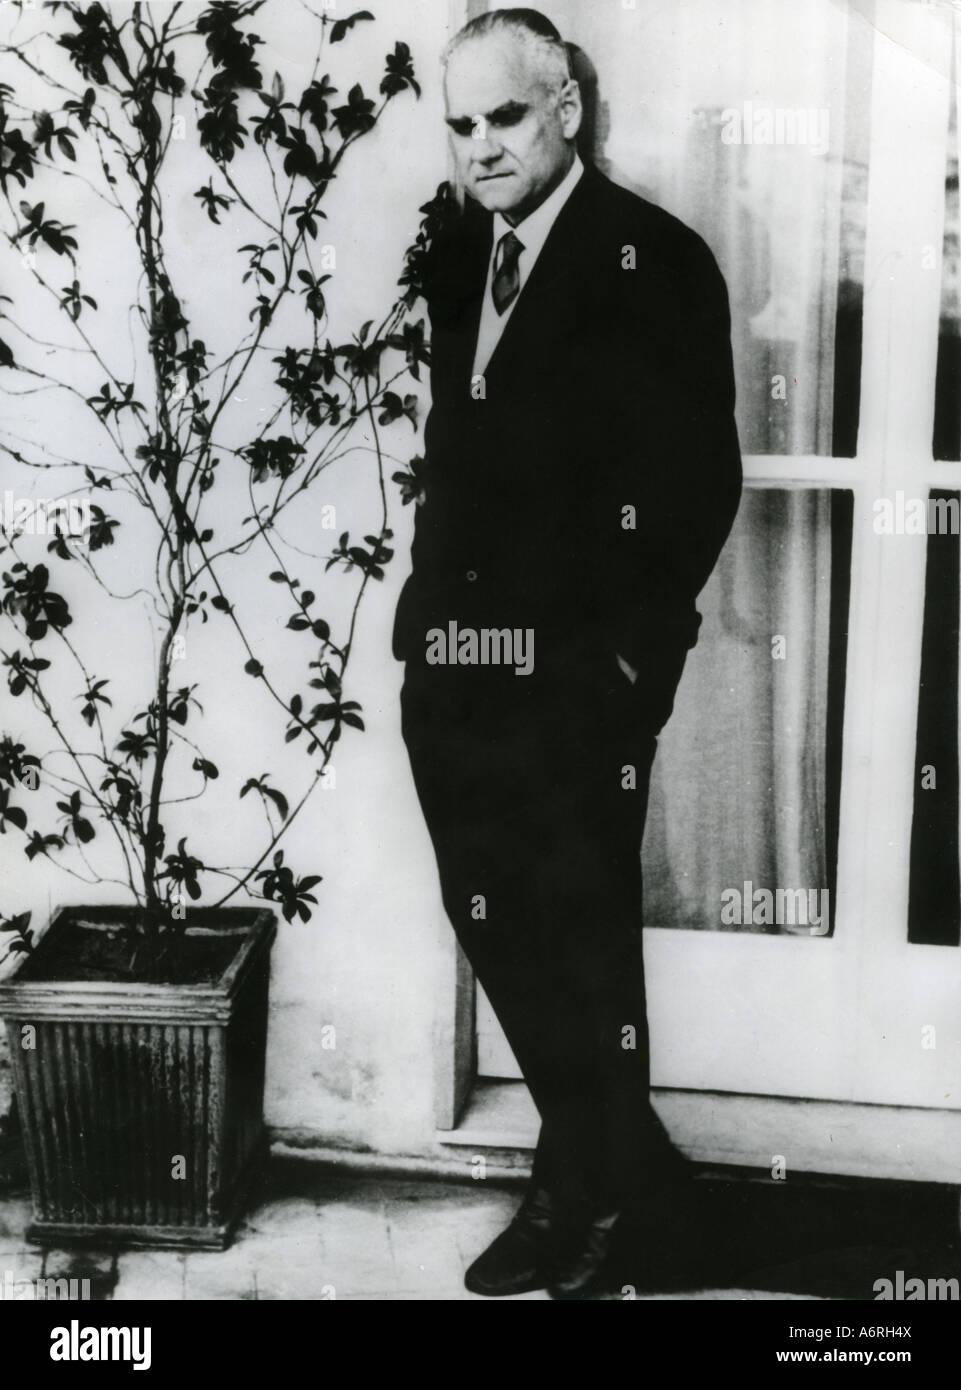 Moravia, Alberto, 28.11.1907 - 26.9.1990, l'écrivain italien/auteur, pleine longueur, 1960, nom de naissance: Alberto Banque D'Images